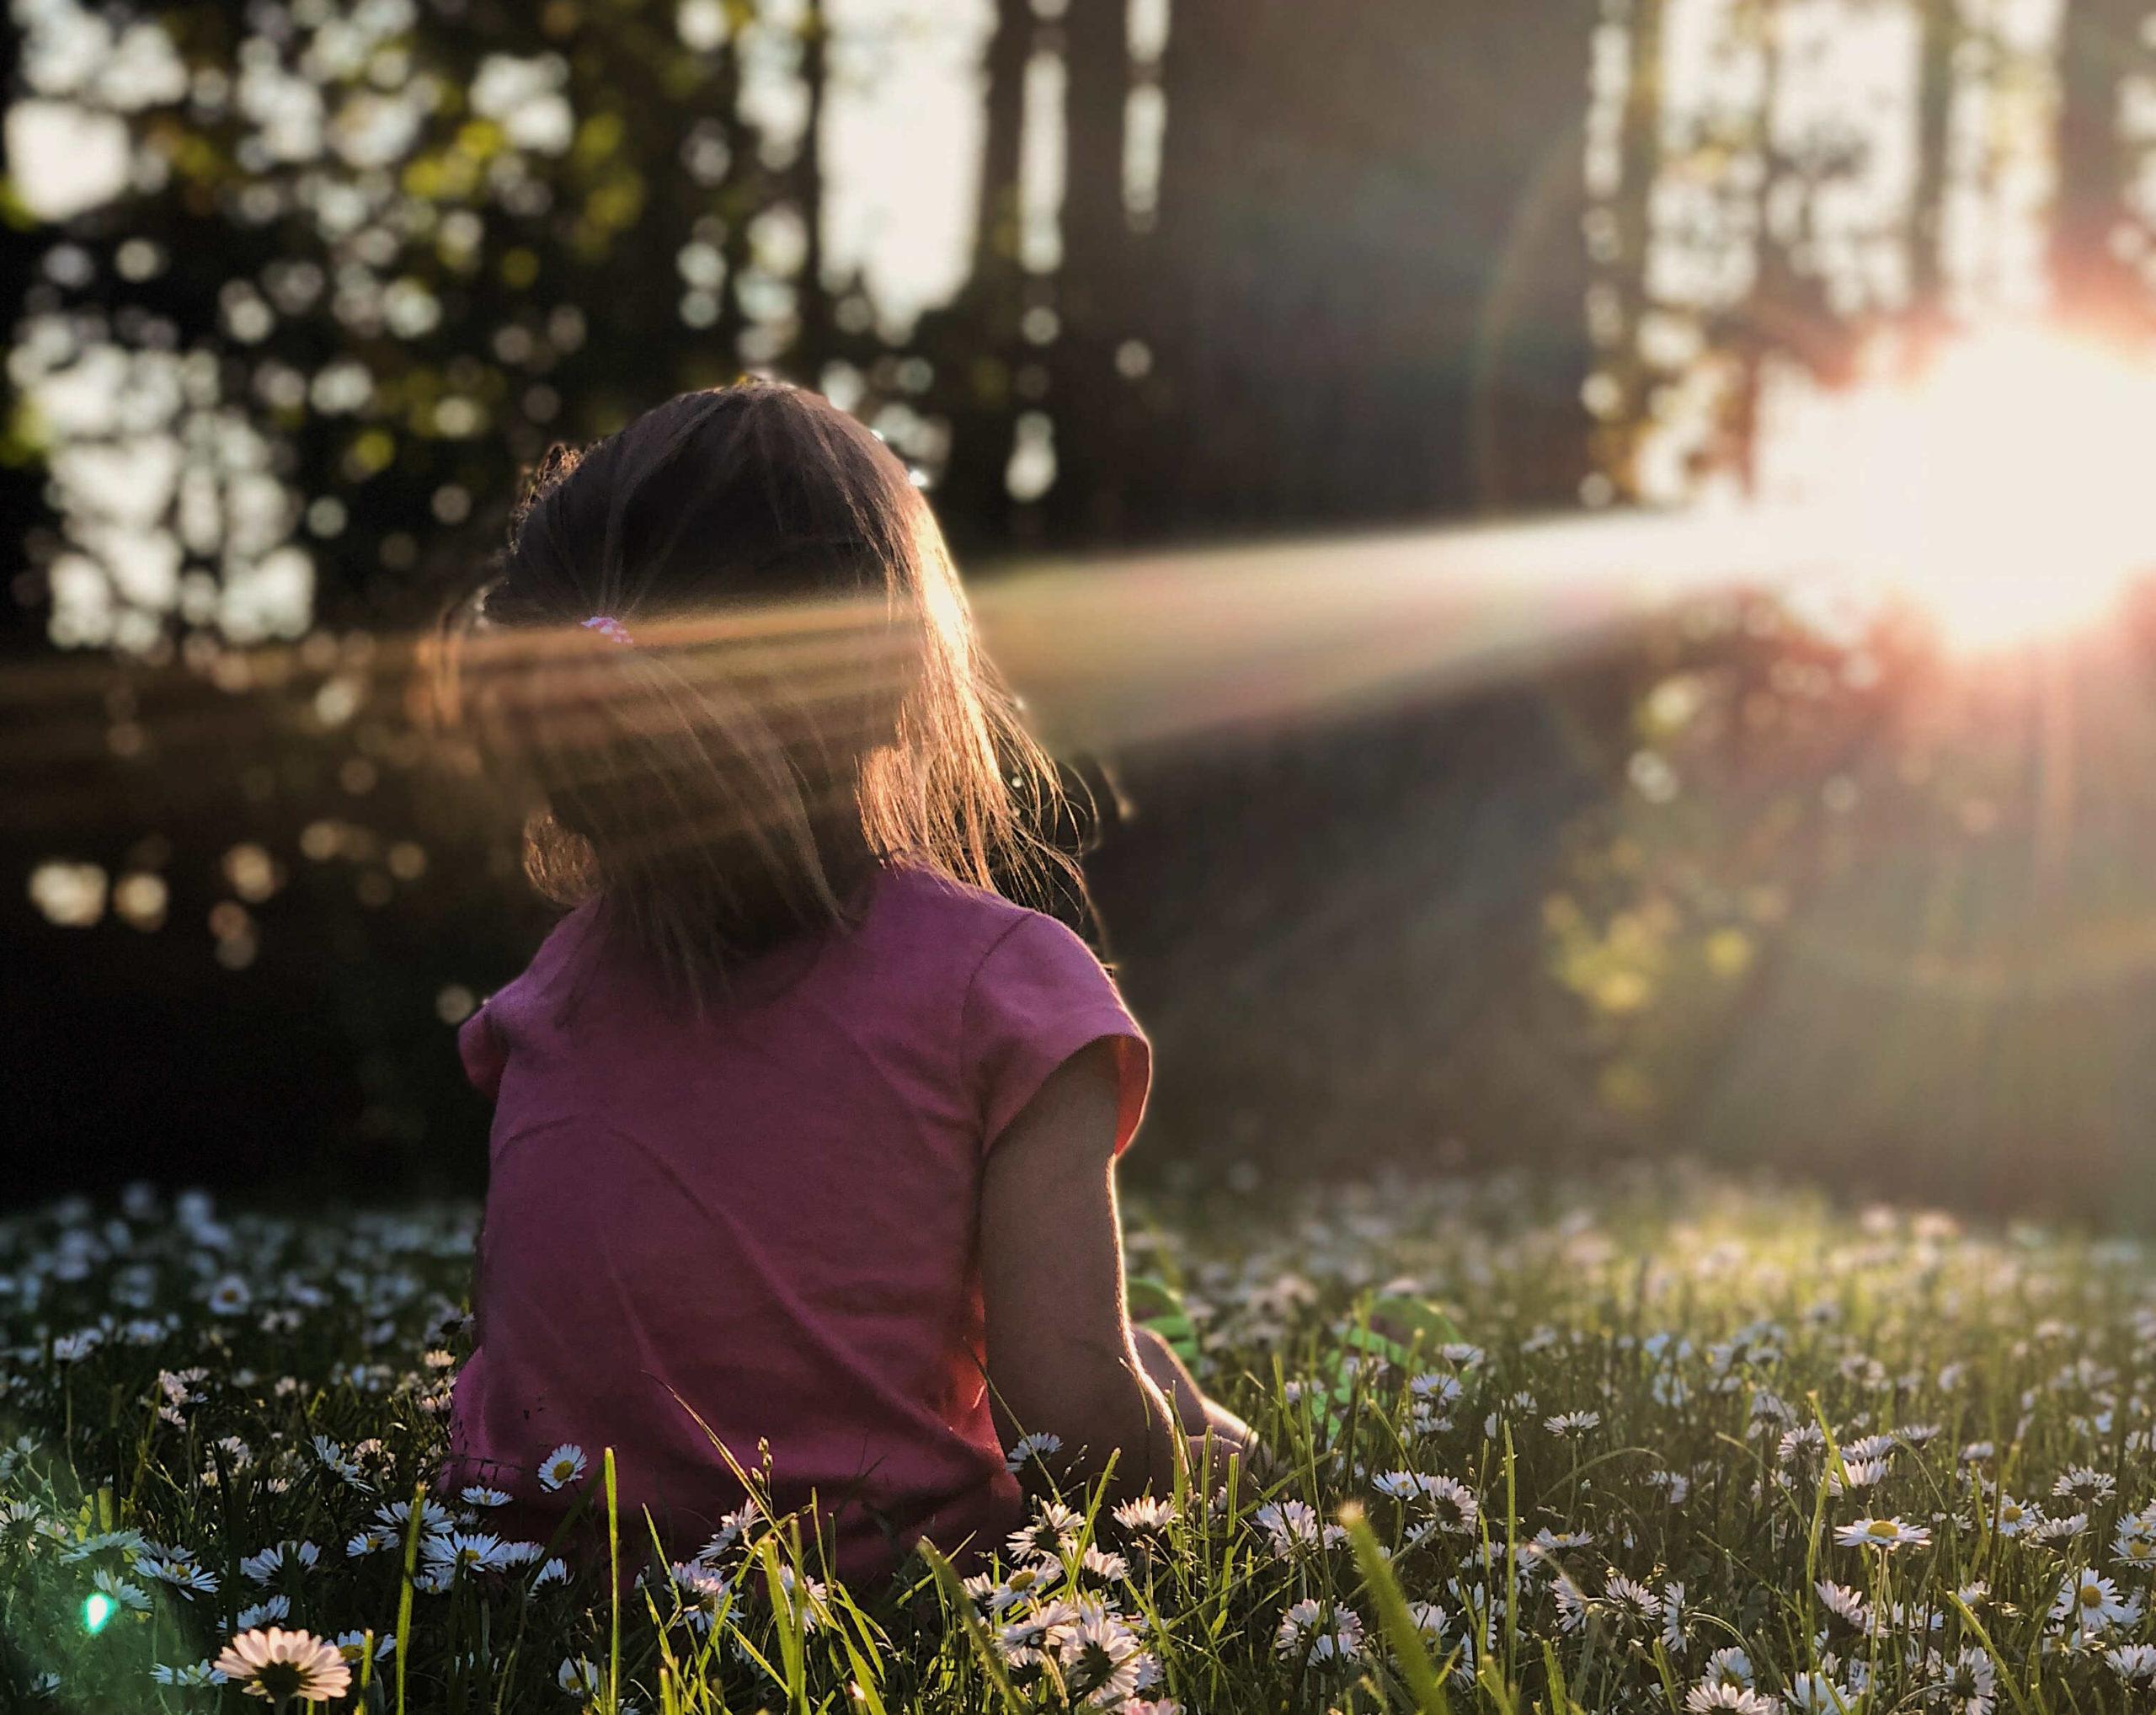 ¿Cómo  evitar perder la paciencia con nuestros hijos?